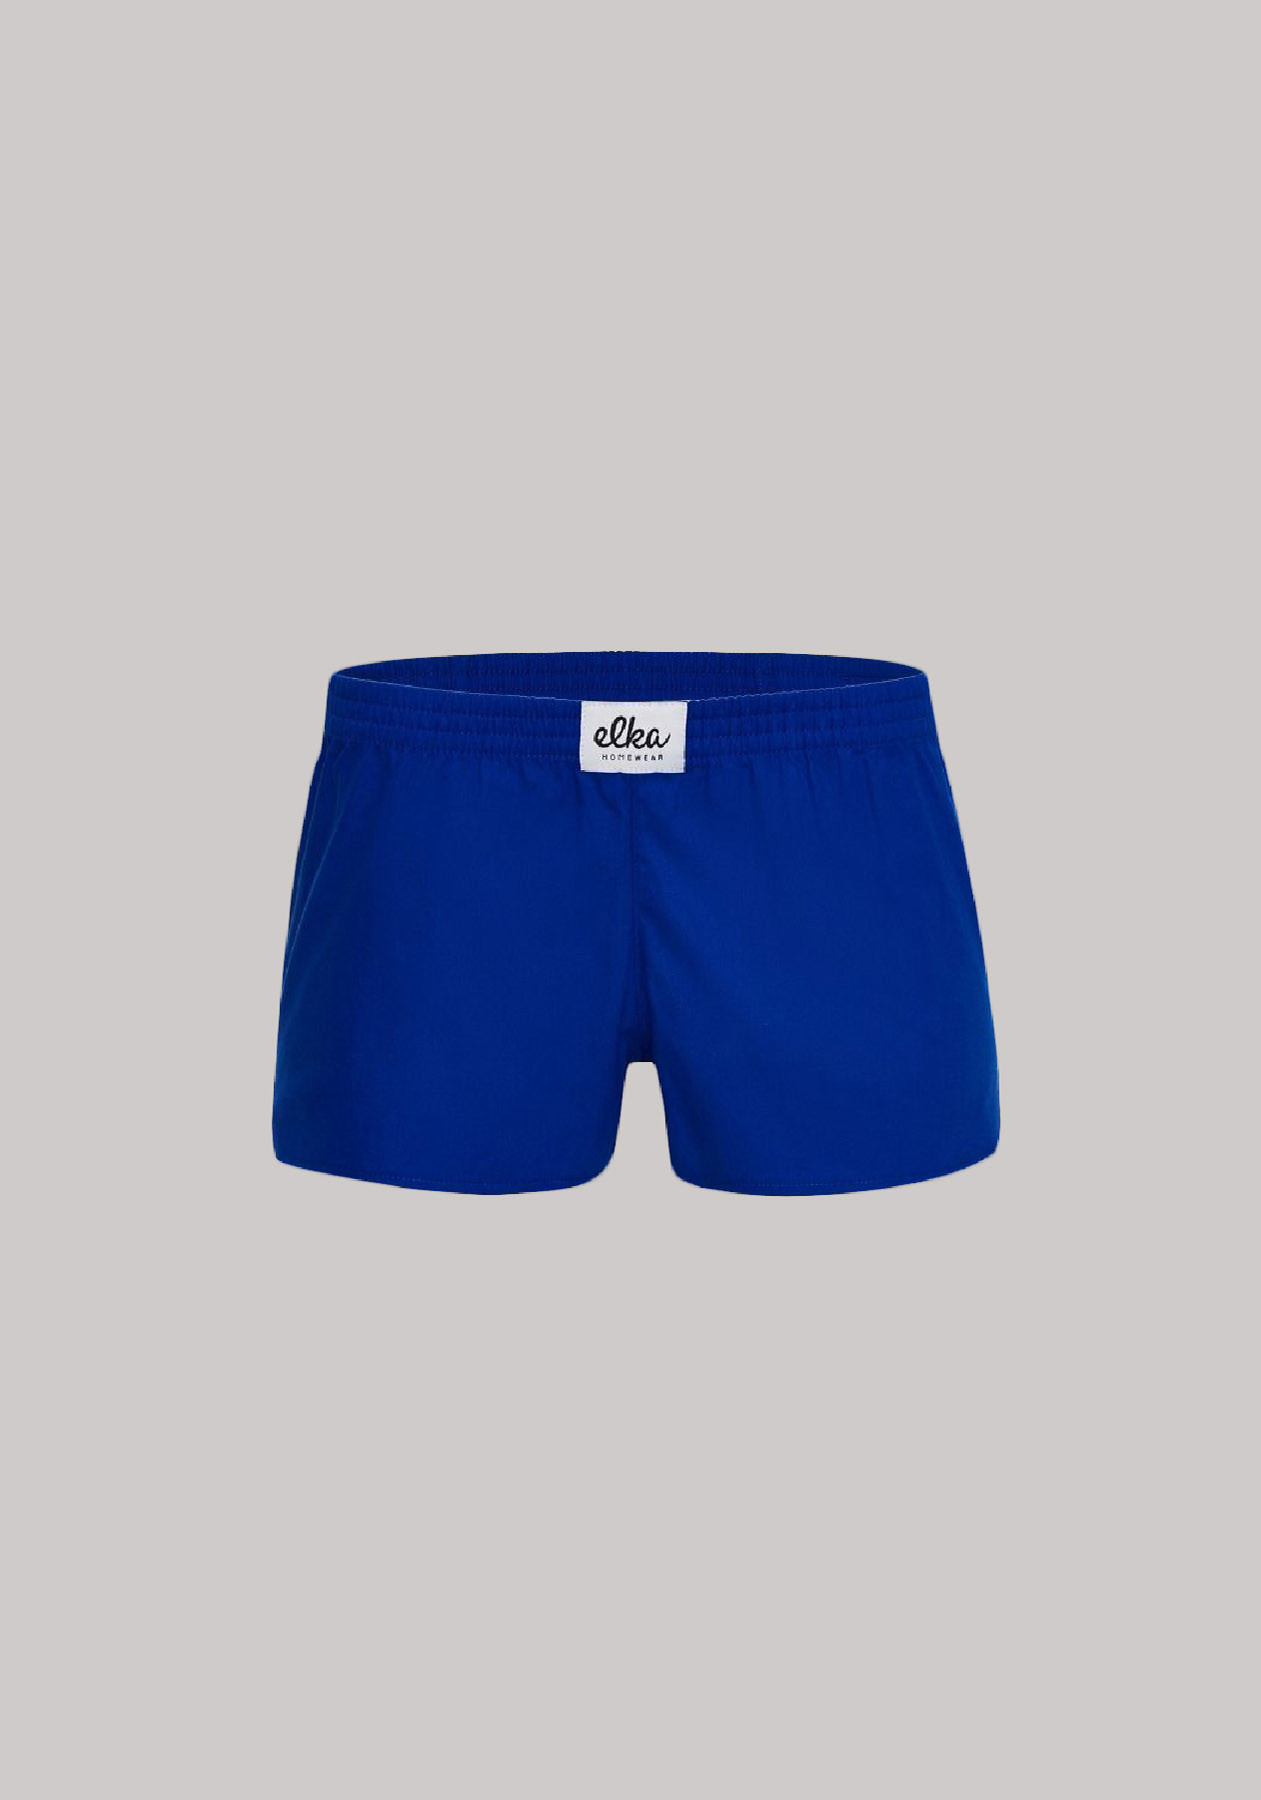 Kids-boxershorts-ELKA-Lounge-K00235